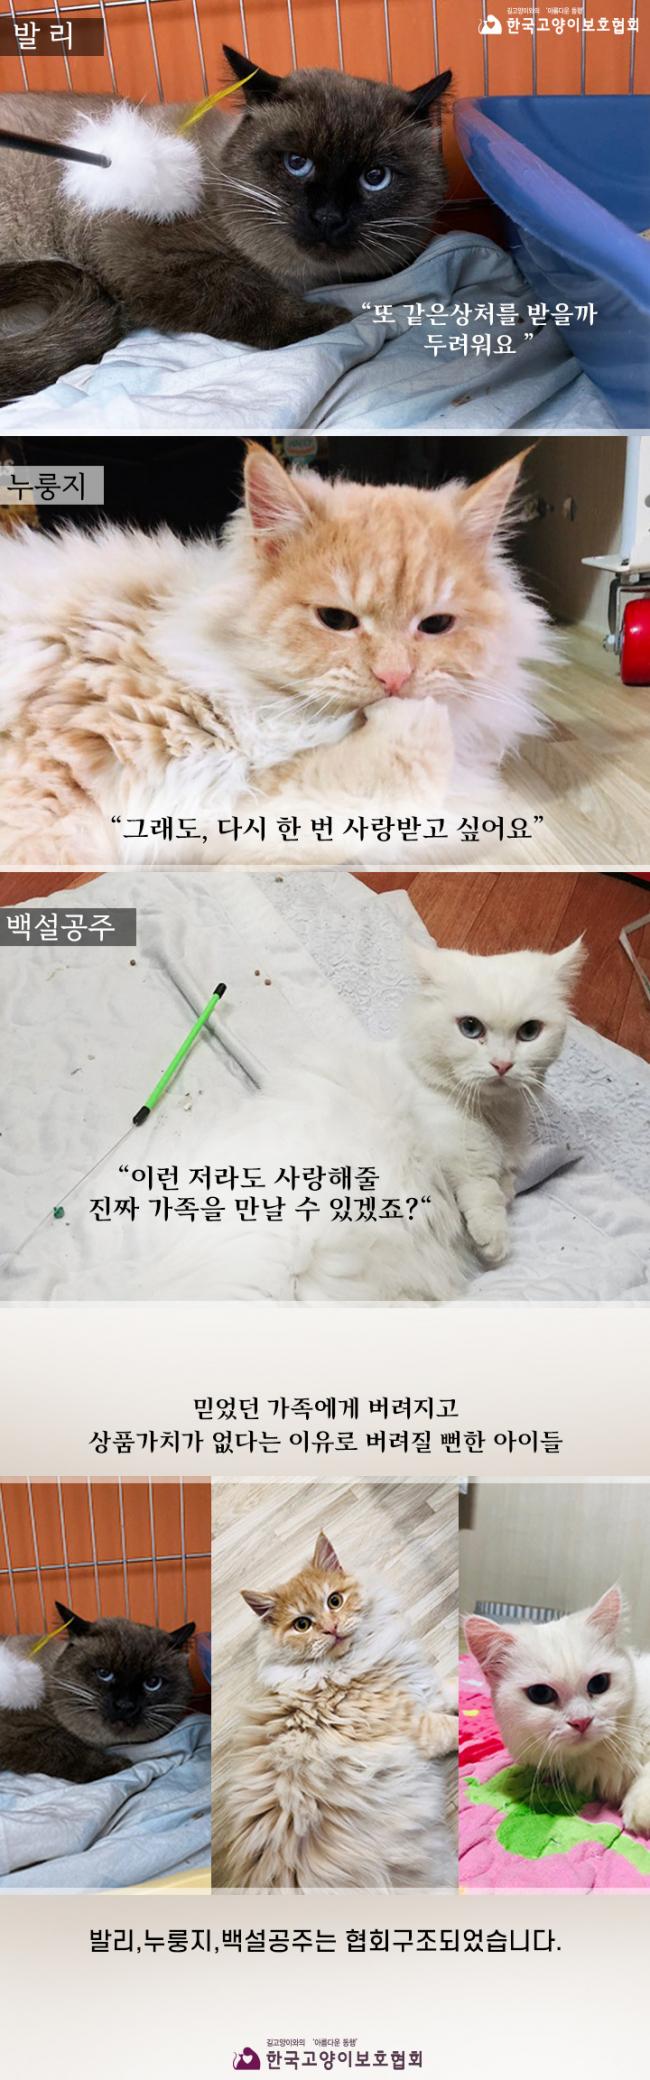 협회구조_발리,누룽지,백설공주.jpg